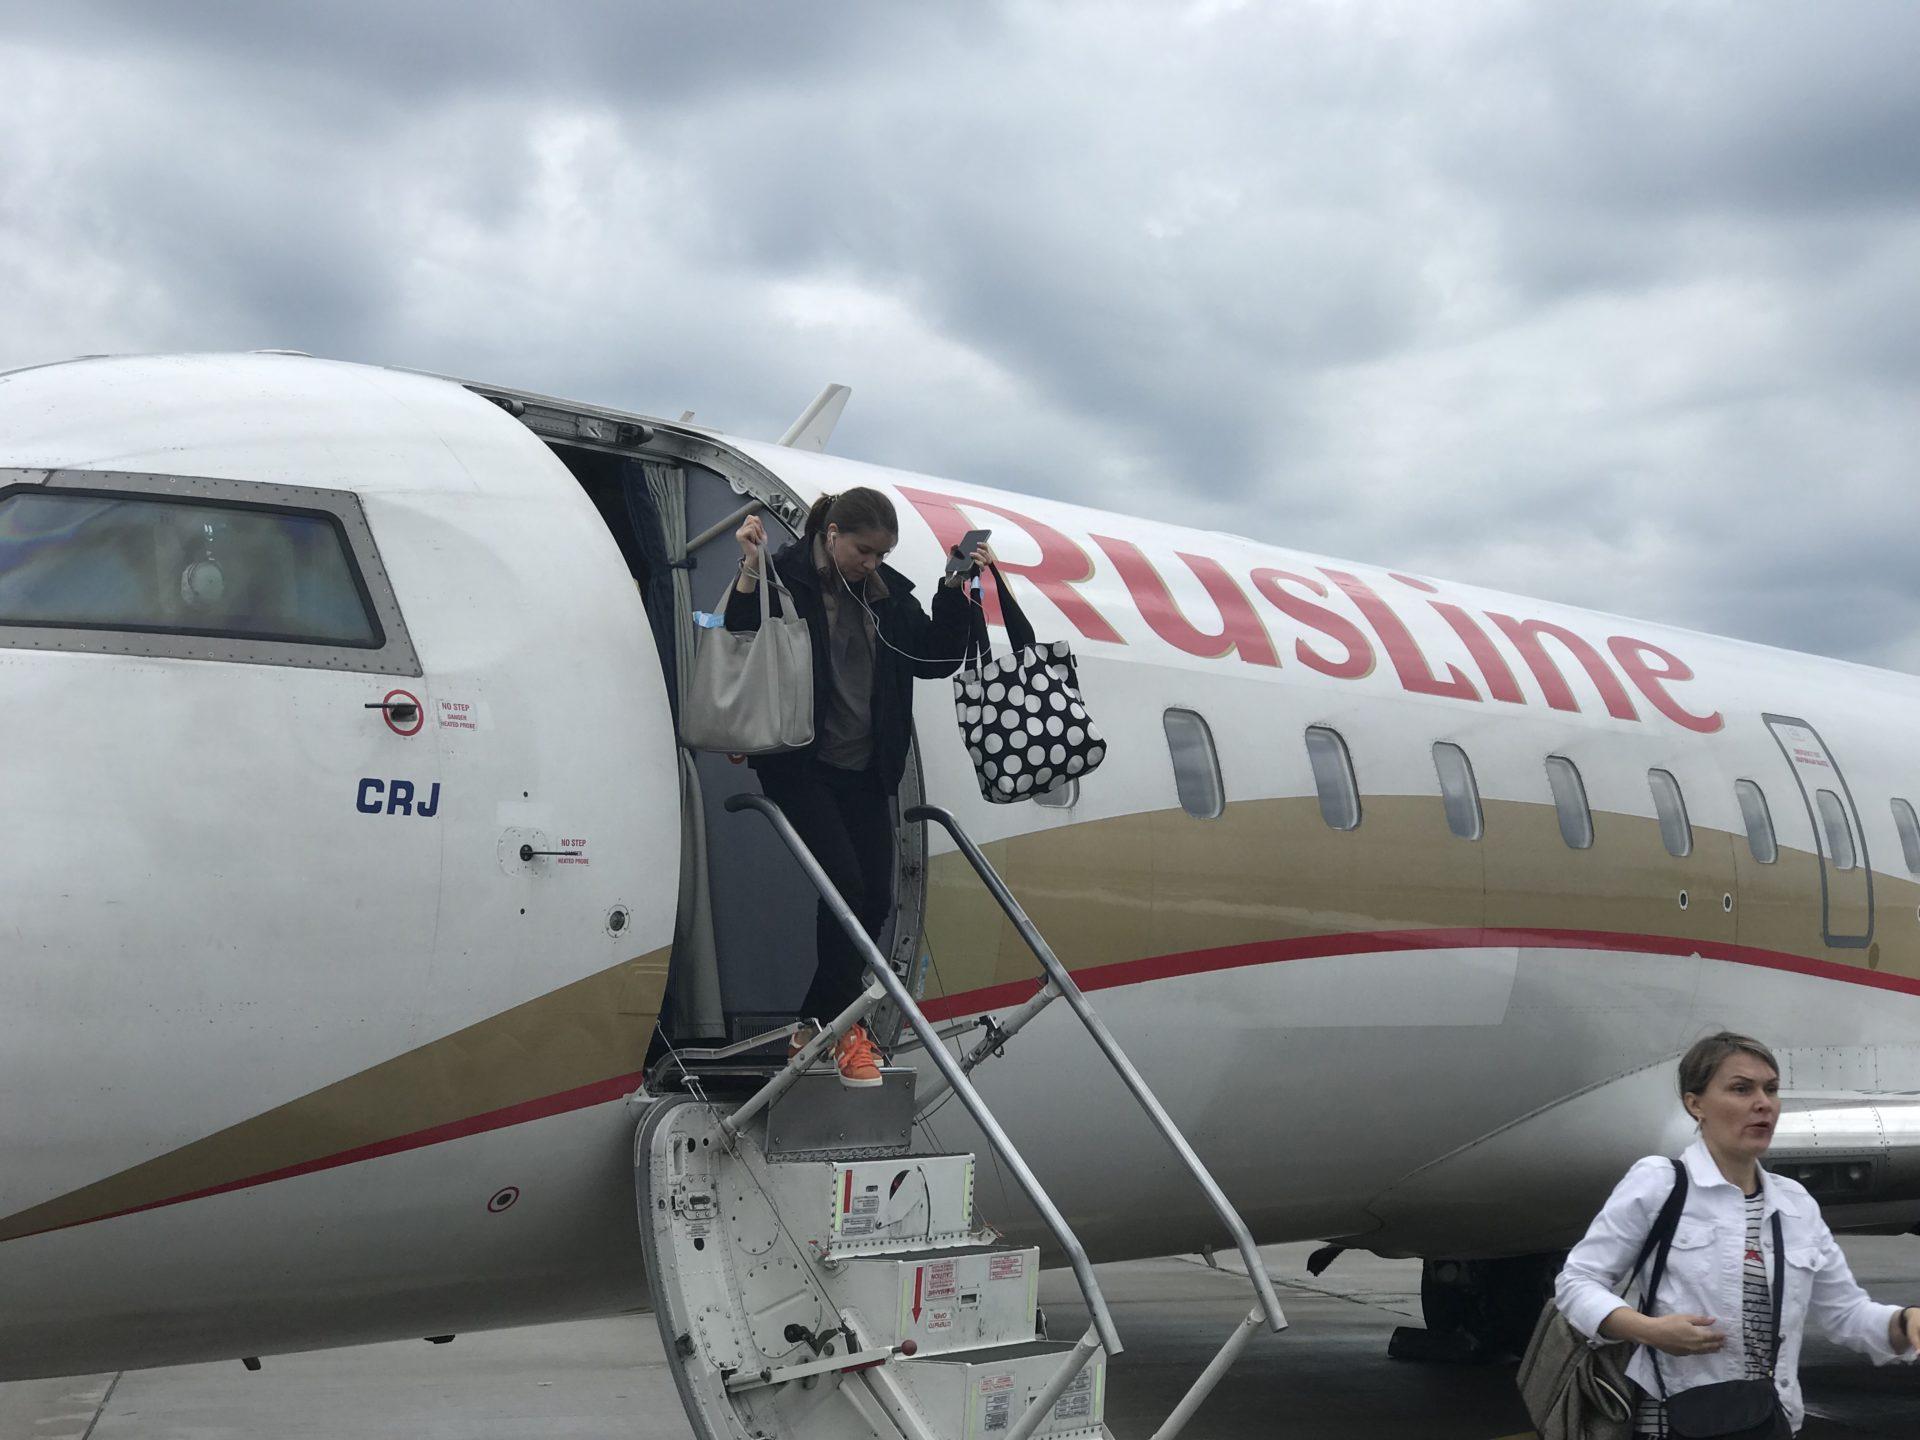 В августе 2738 человек воспользовались аэропортом в Йошкар-Оле